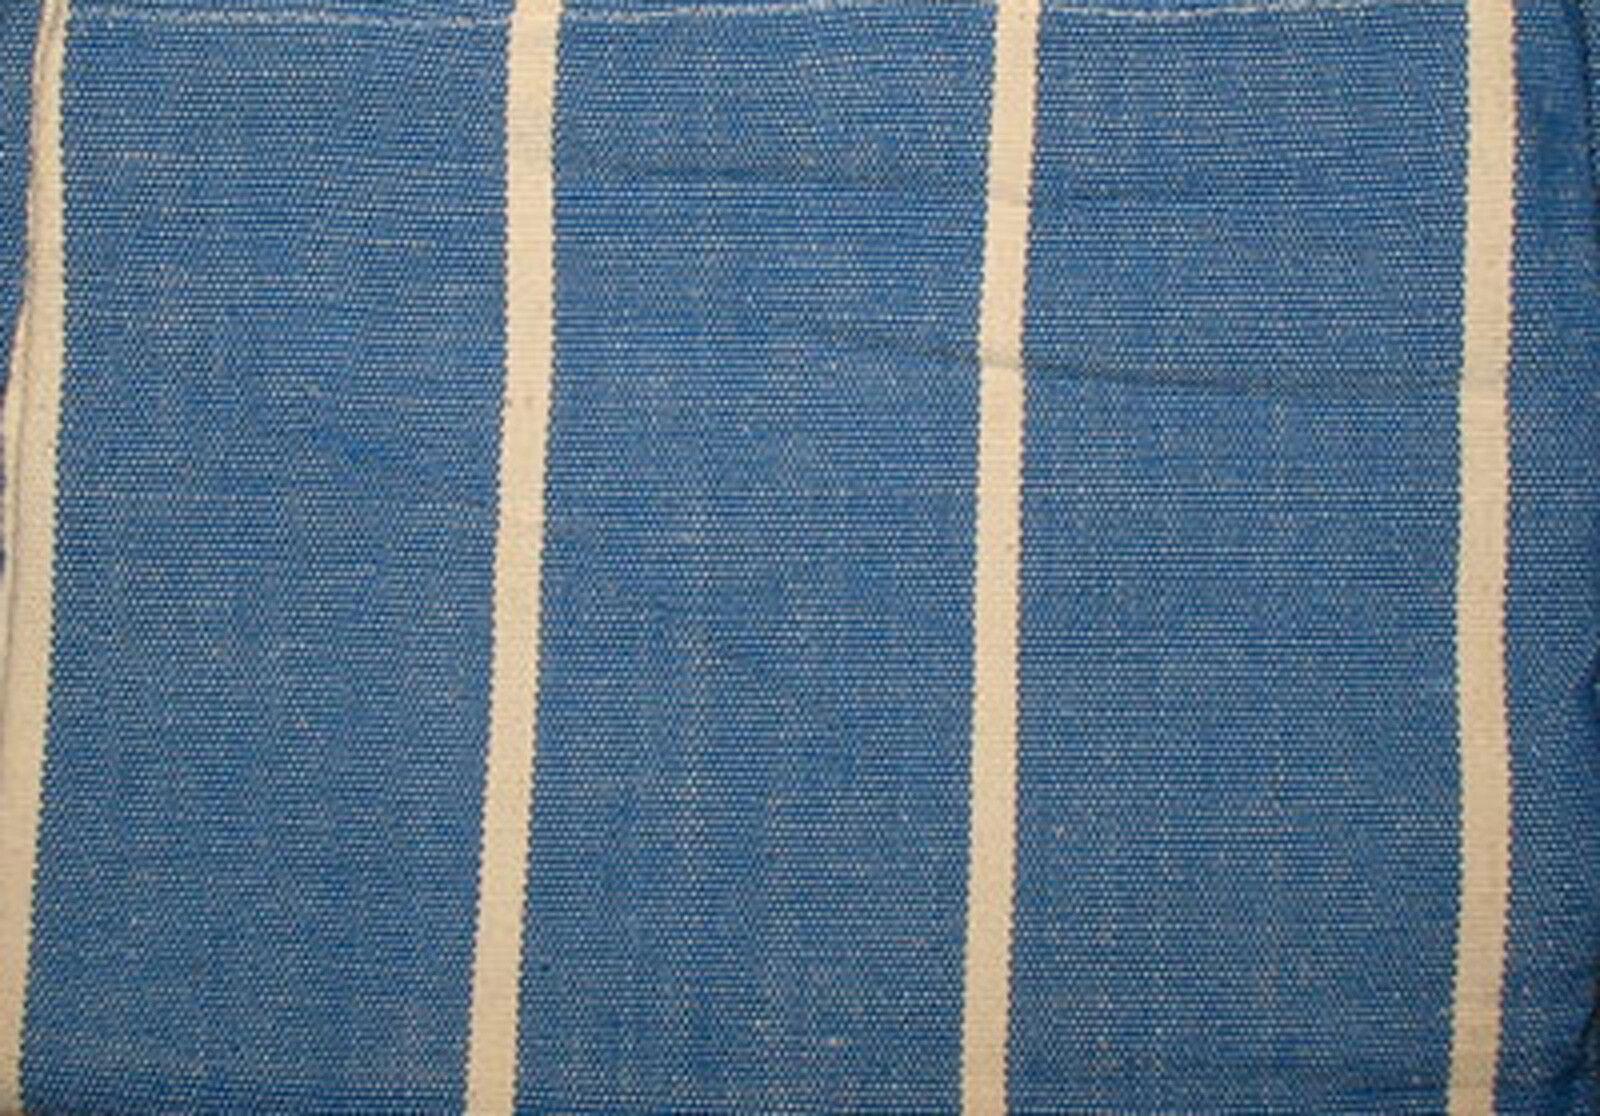 Hängematte groß, blue-white, stabil, gewebt aus Südamerika